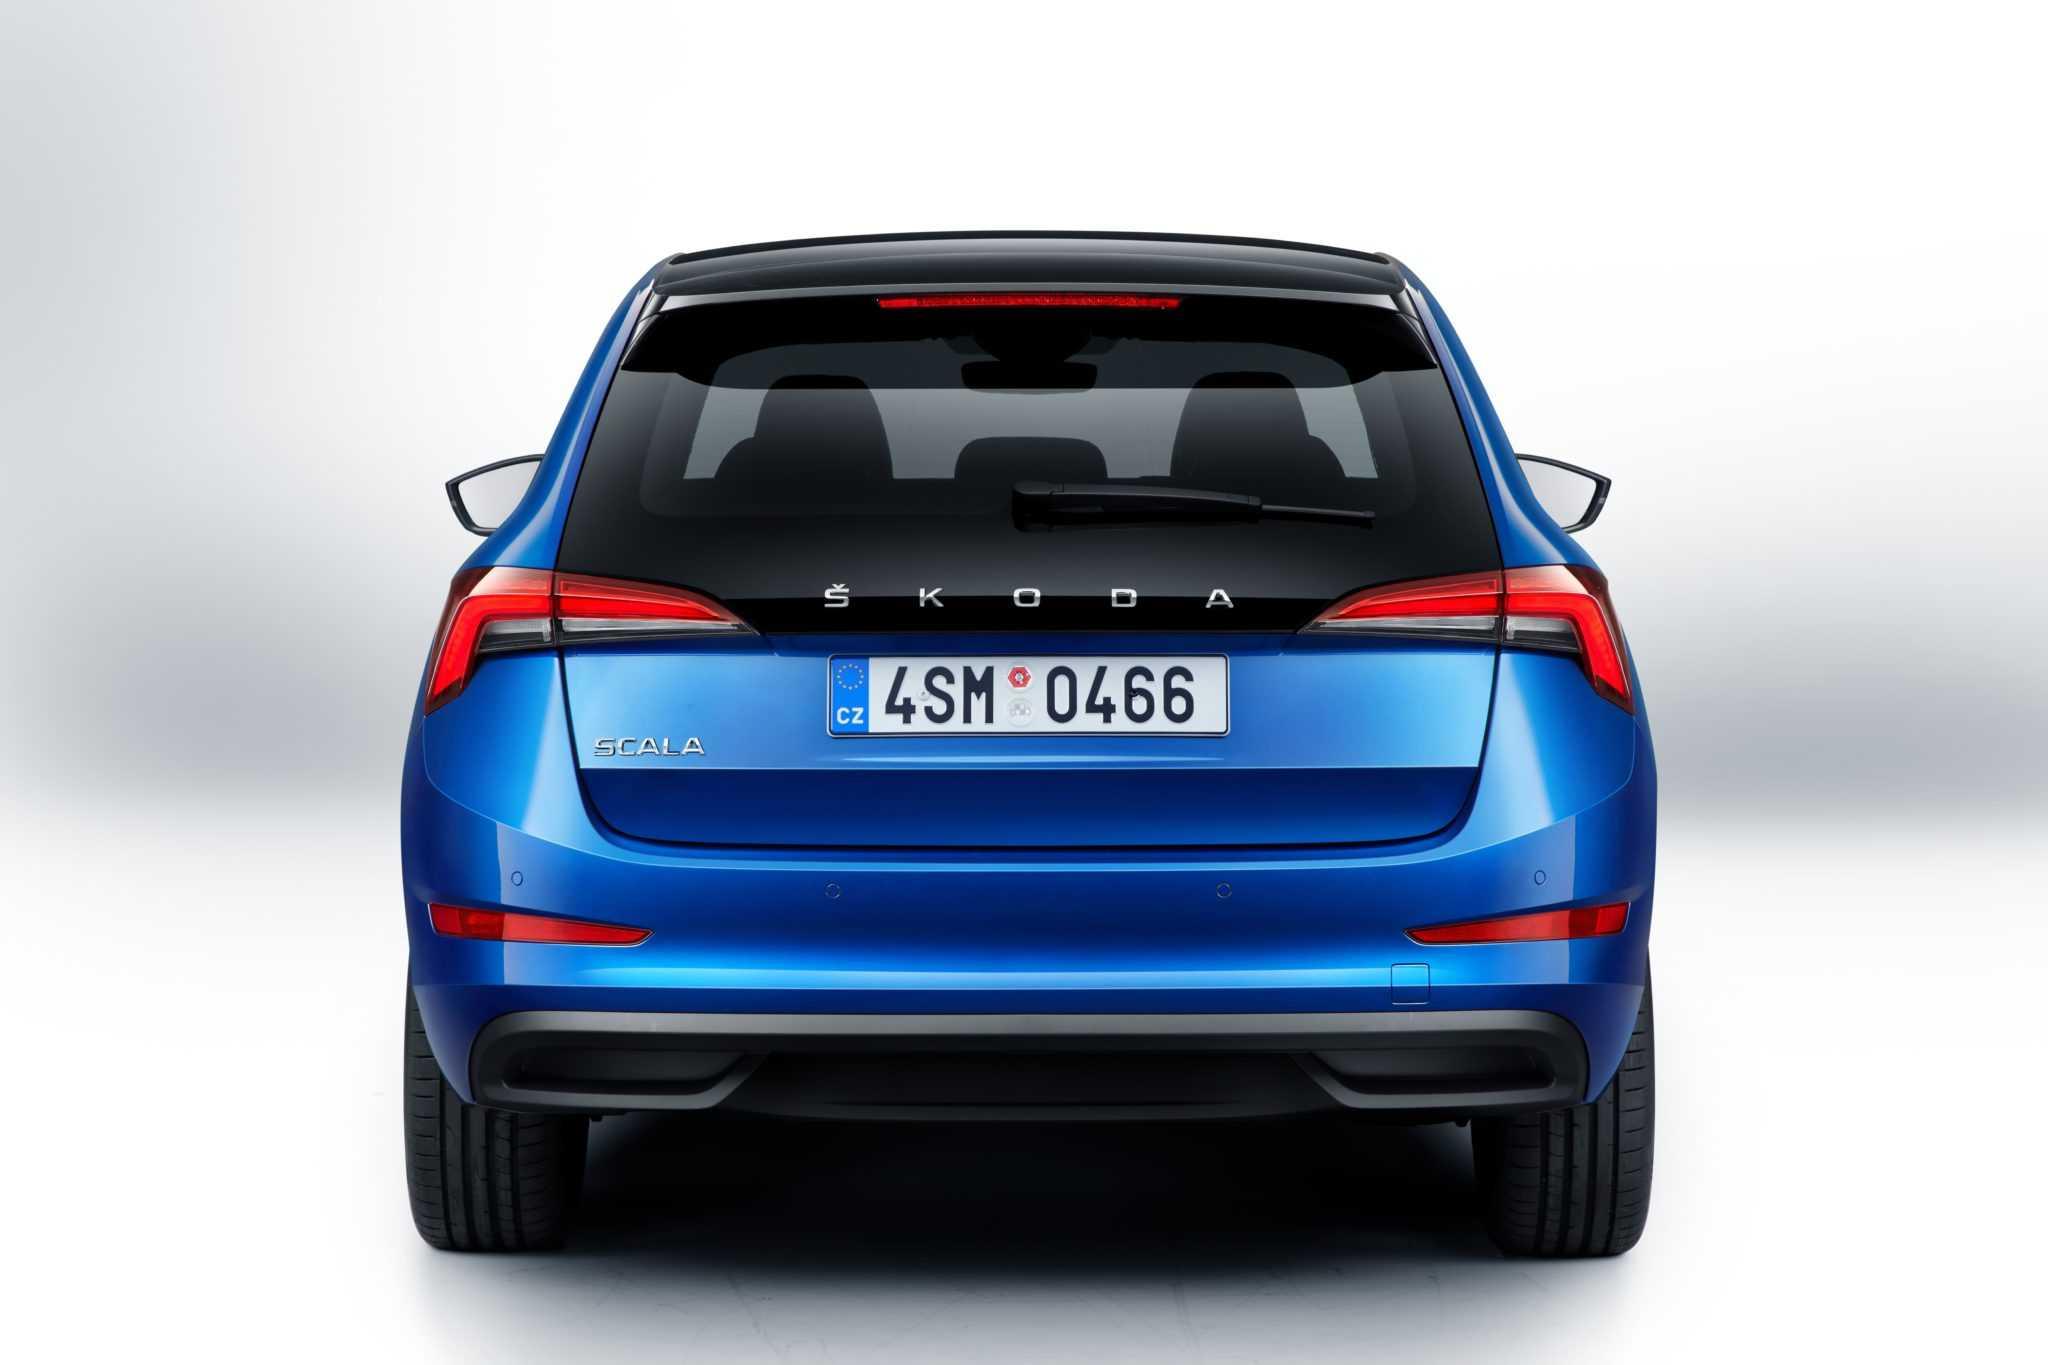 Skoda scala - новая модель сегмента компактных автомобилей